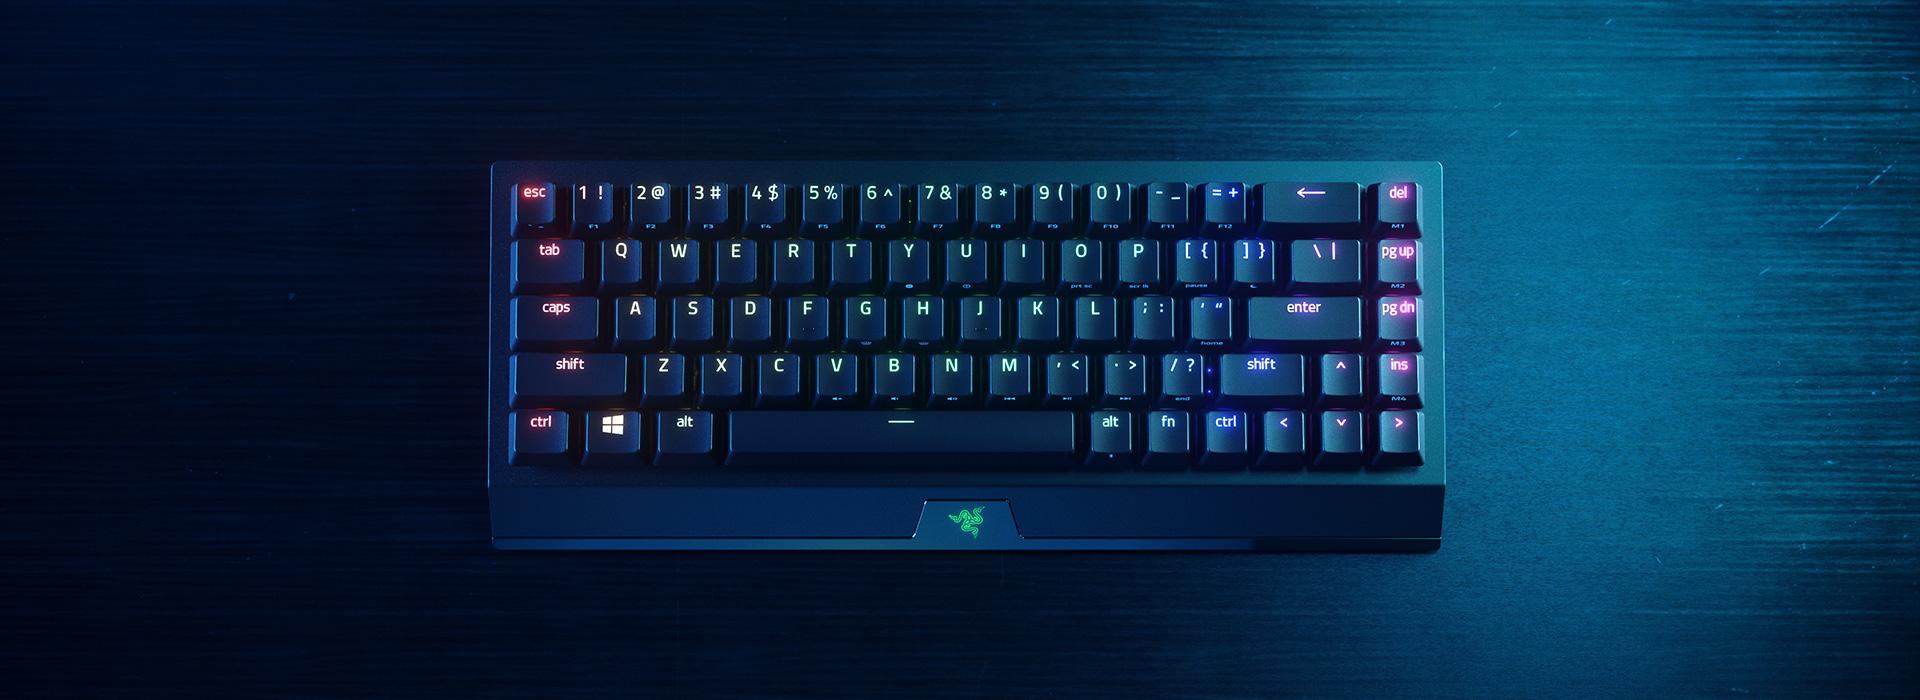 El legendario teclado evoluciona con el Blackwidow V3 Mini Hyperspeed